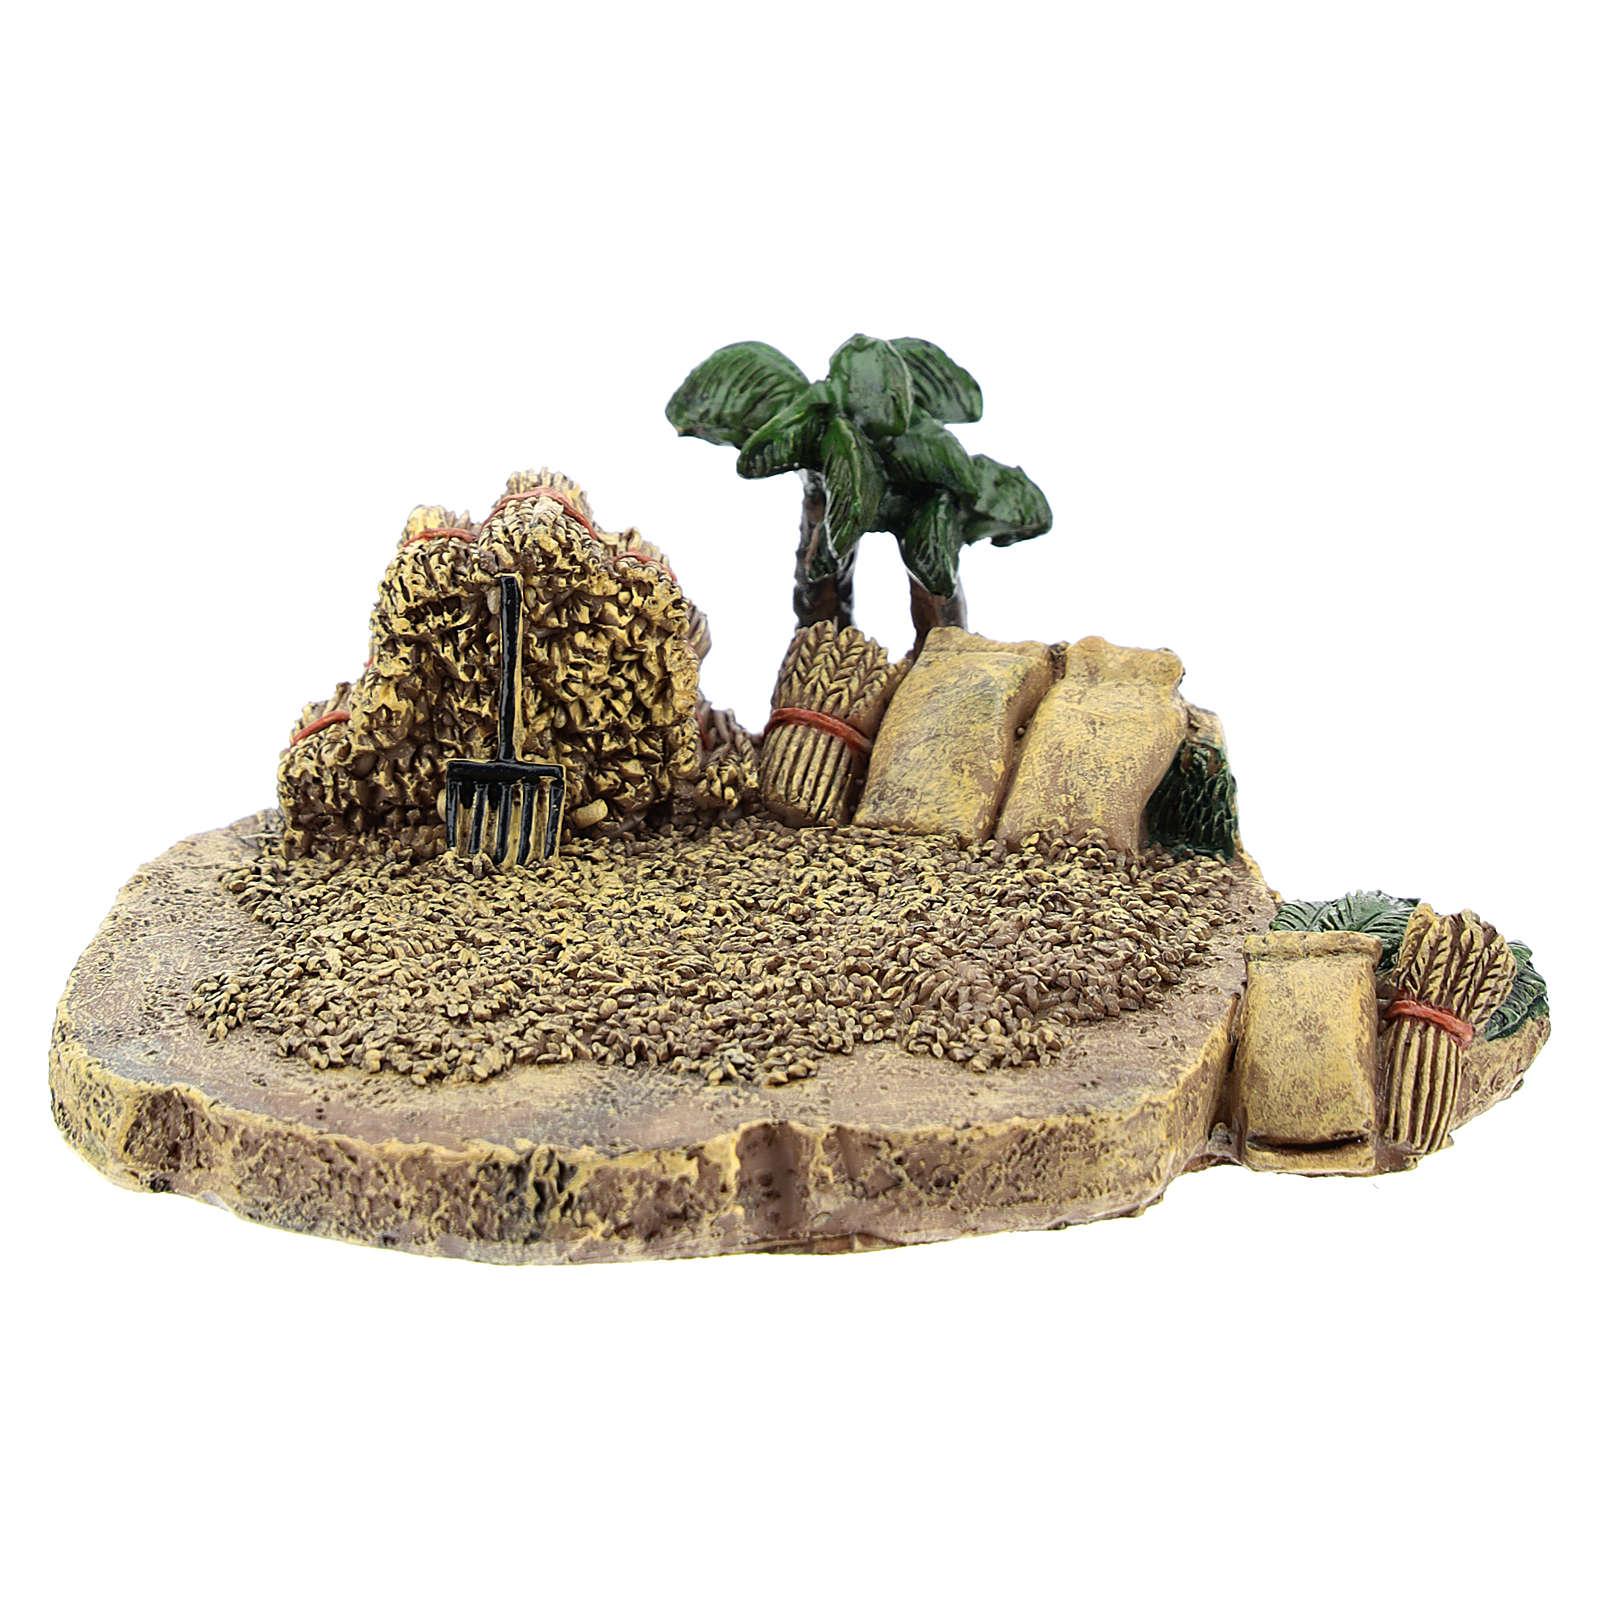 Grain field in resin 4x7x10 cm, for 4 cm 4